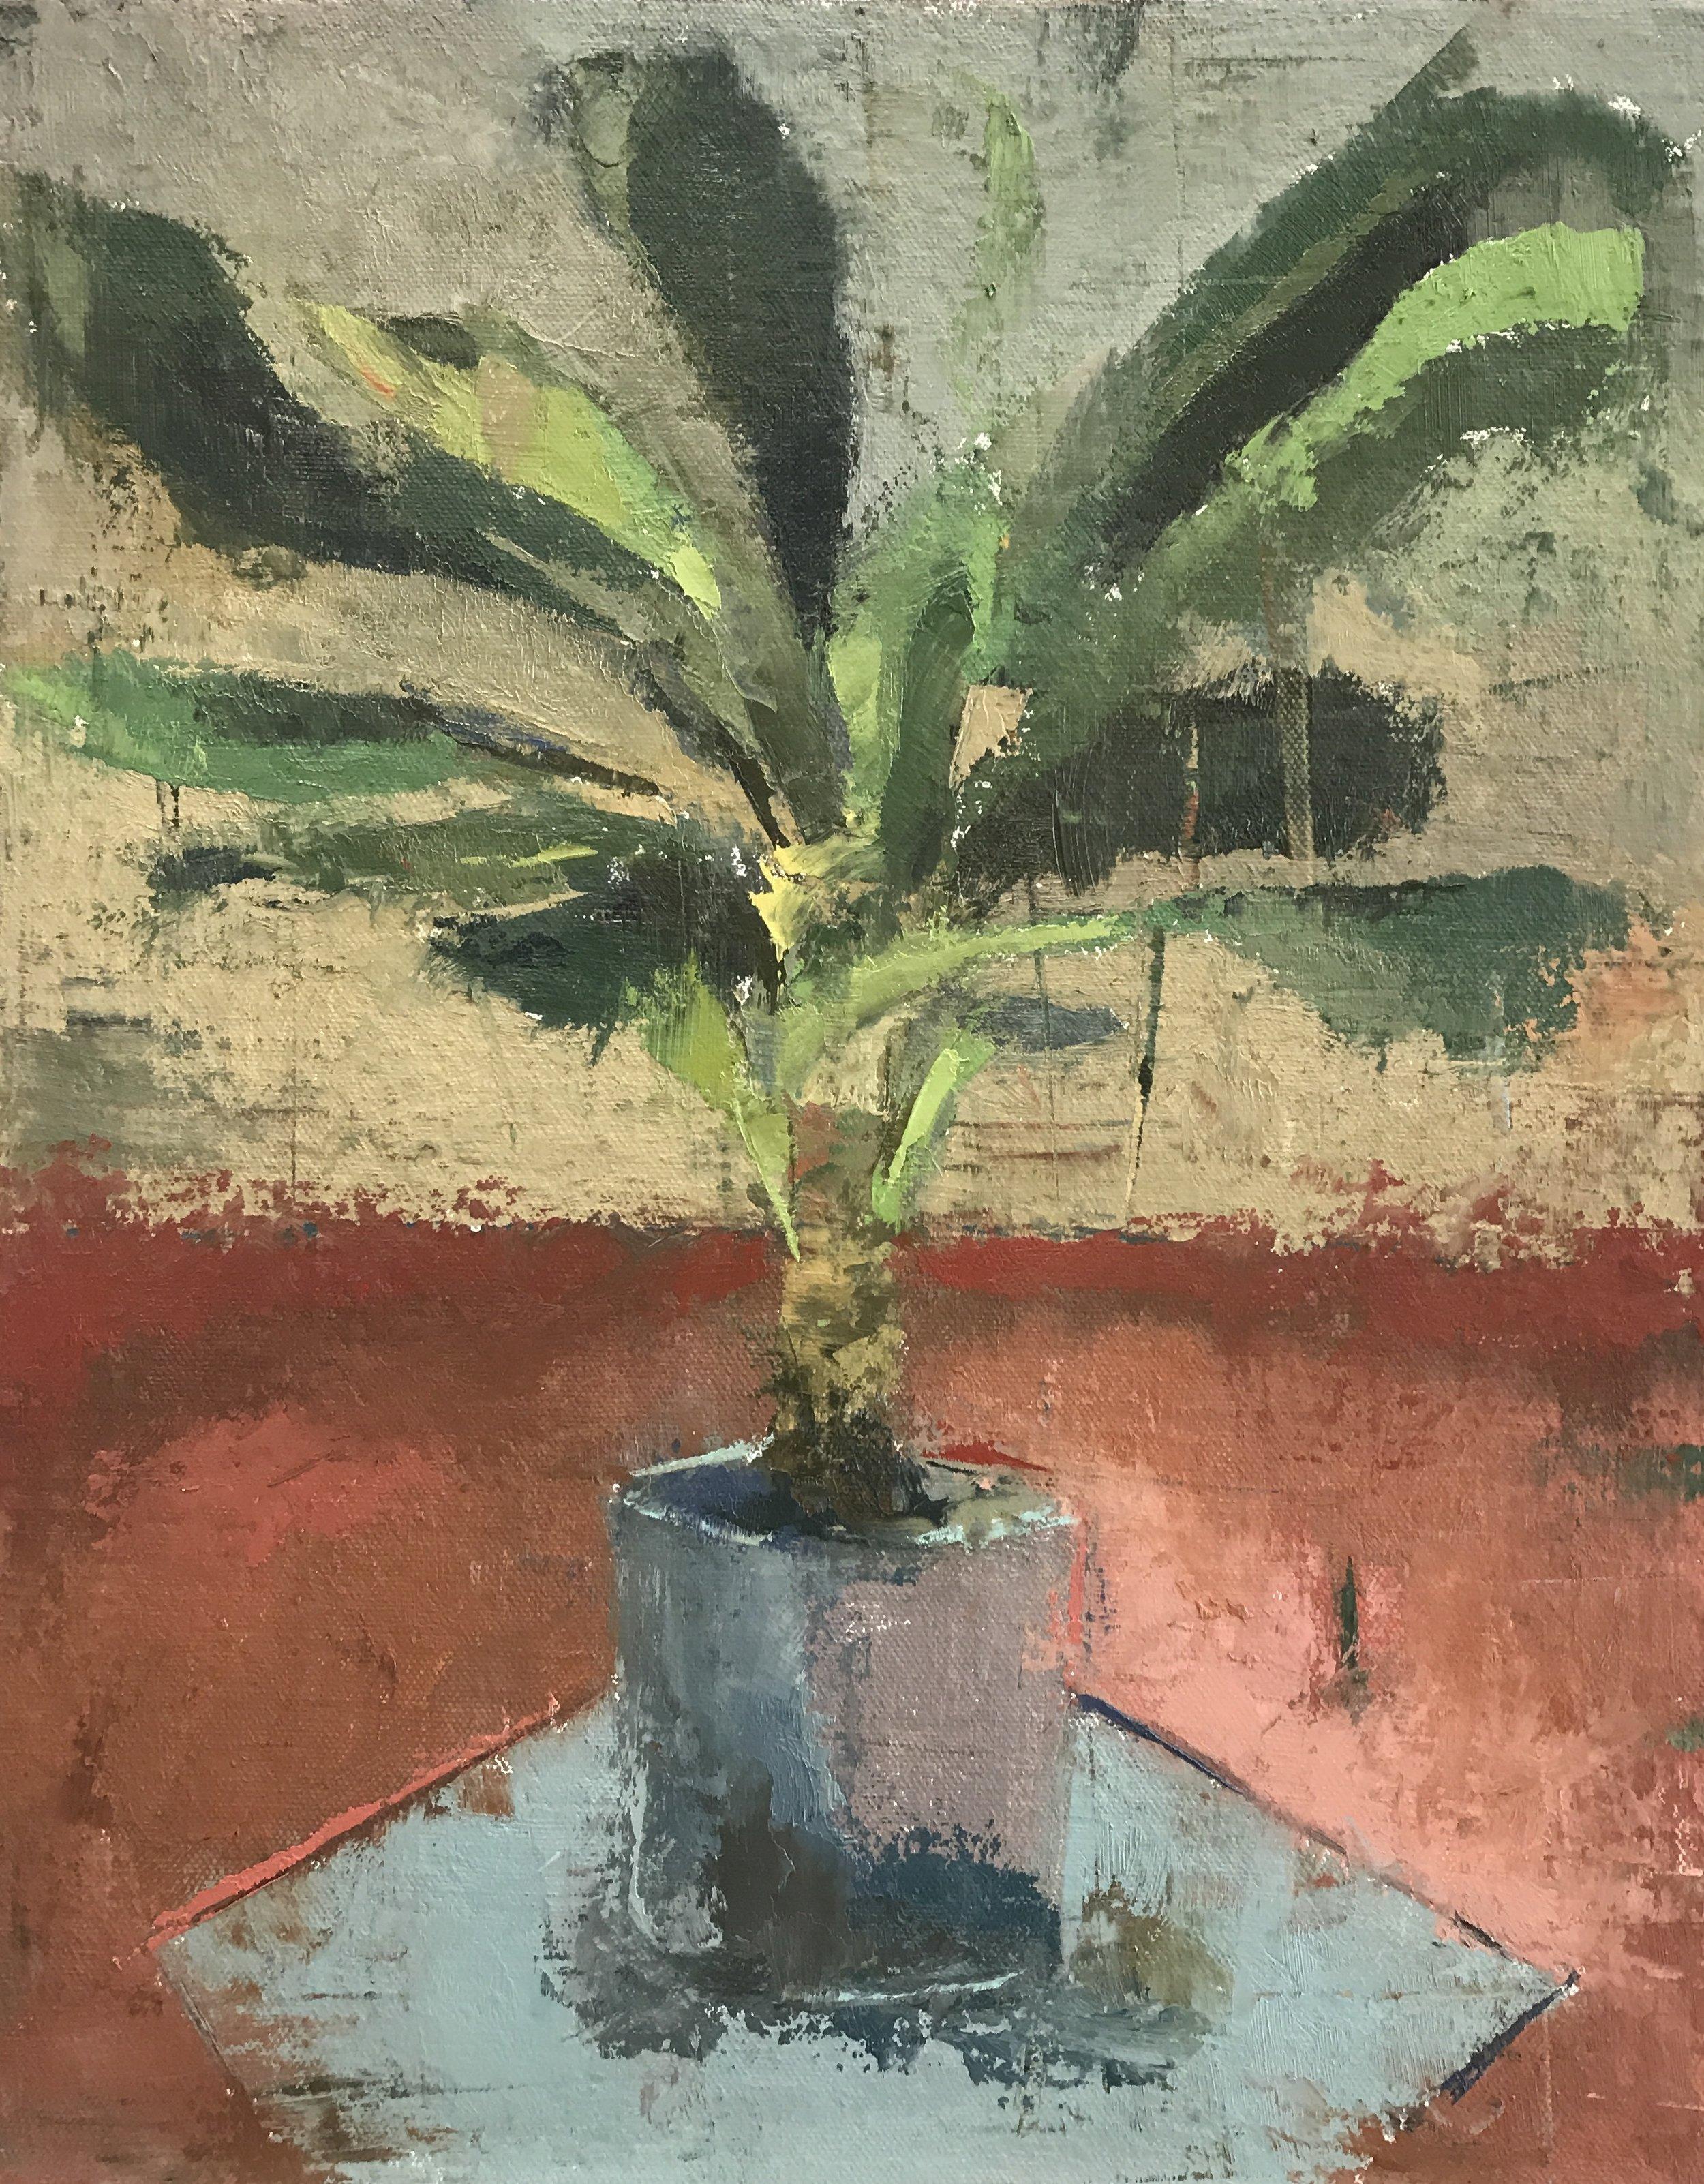 Corn Plant (alla prima)